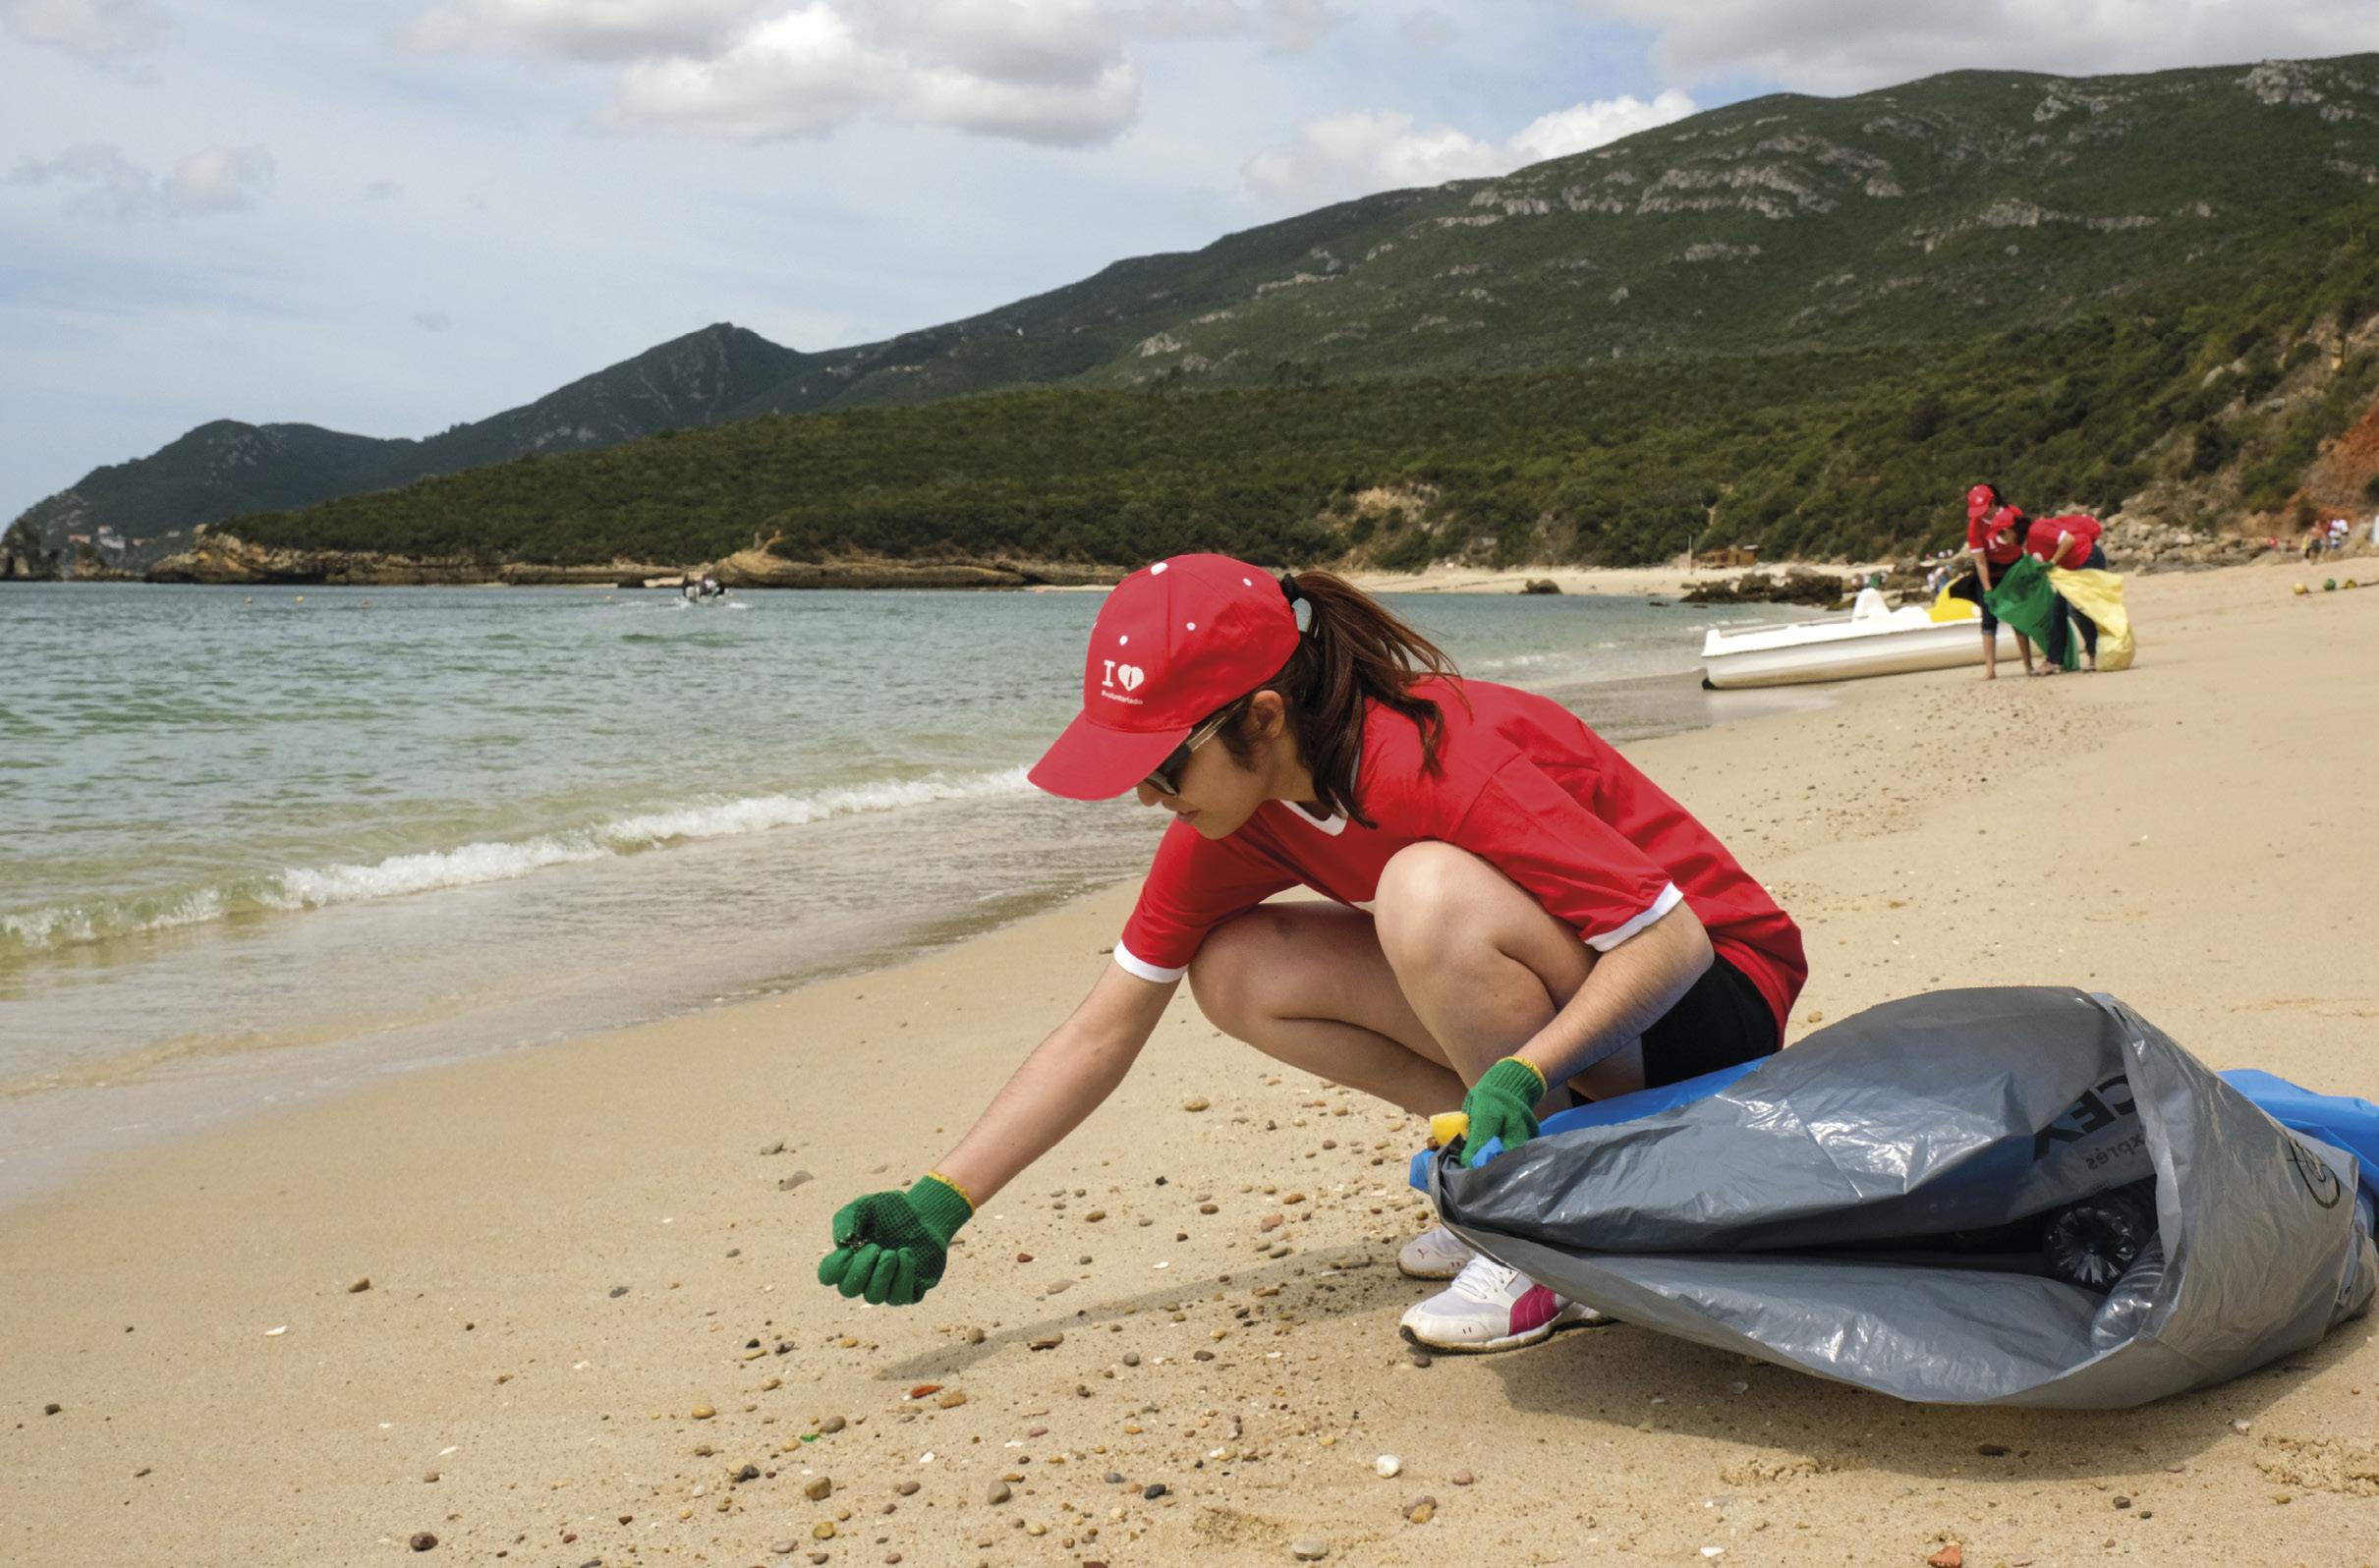 """Voluntários durante a ação de limpeza da praia de Galapos, do programa """"Mares Circulares"""", em colaboração com a Liga para a Proteção da Natureza (LPN), em Setúbal, 05 de junho de 2019. RUI MINDERICO/LUSA"""